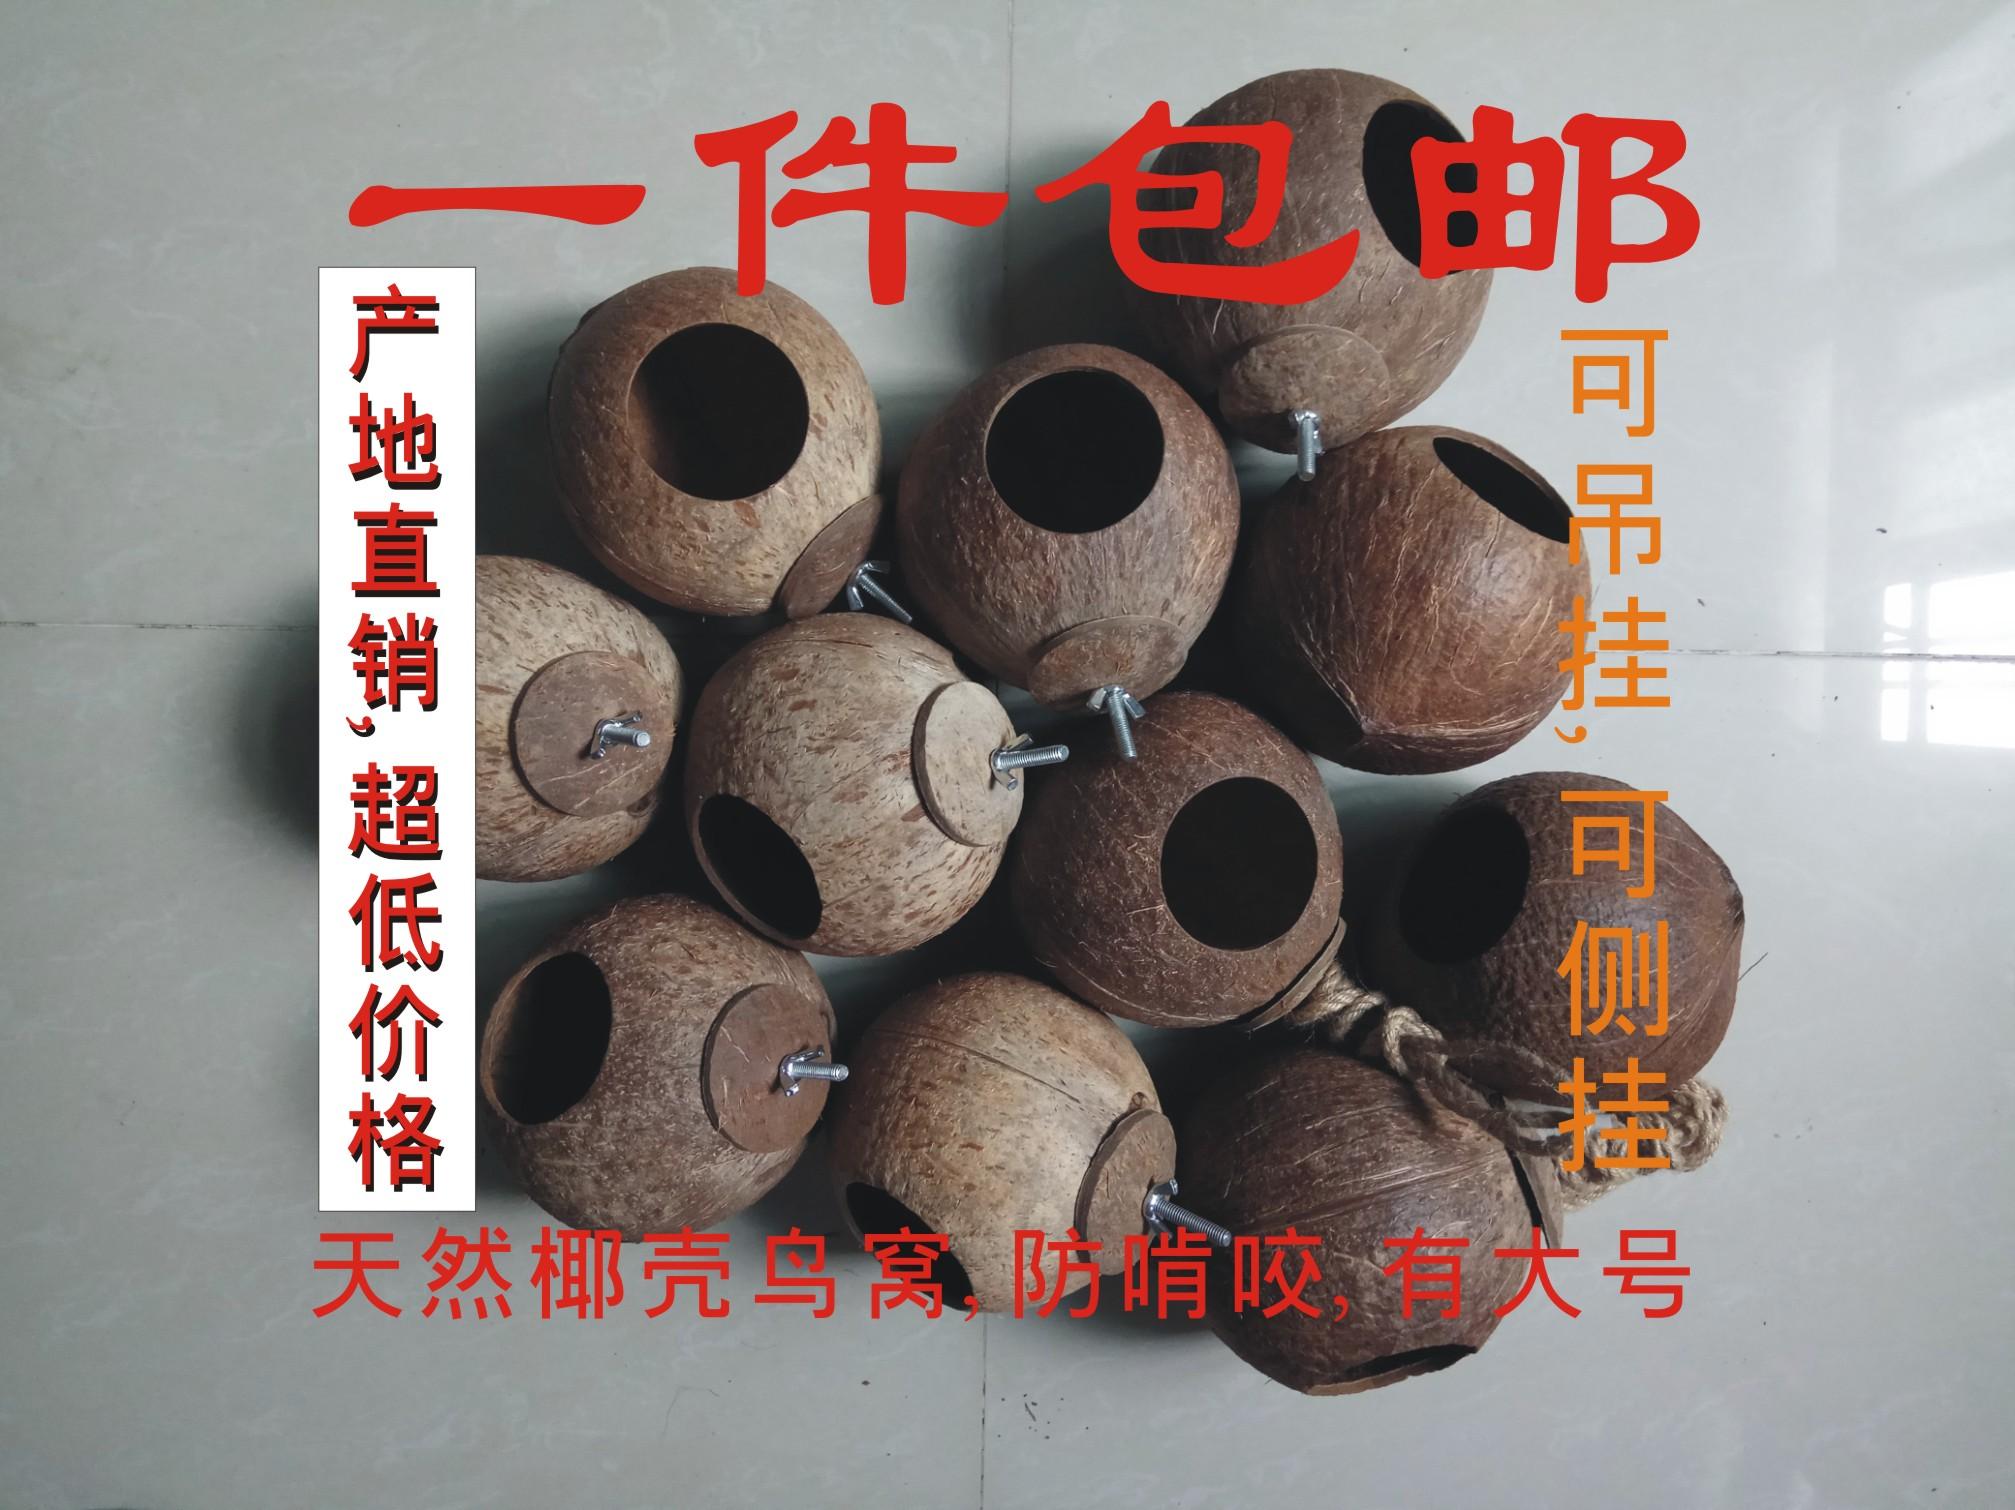 Кокосовые волокна большой кокос оболочка птица гнездо солома ремесла статья оптовая торговля попугай хомячки домашнее животное гнездо спортивной обуви еда бассейн бесплатная доставка